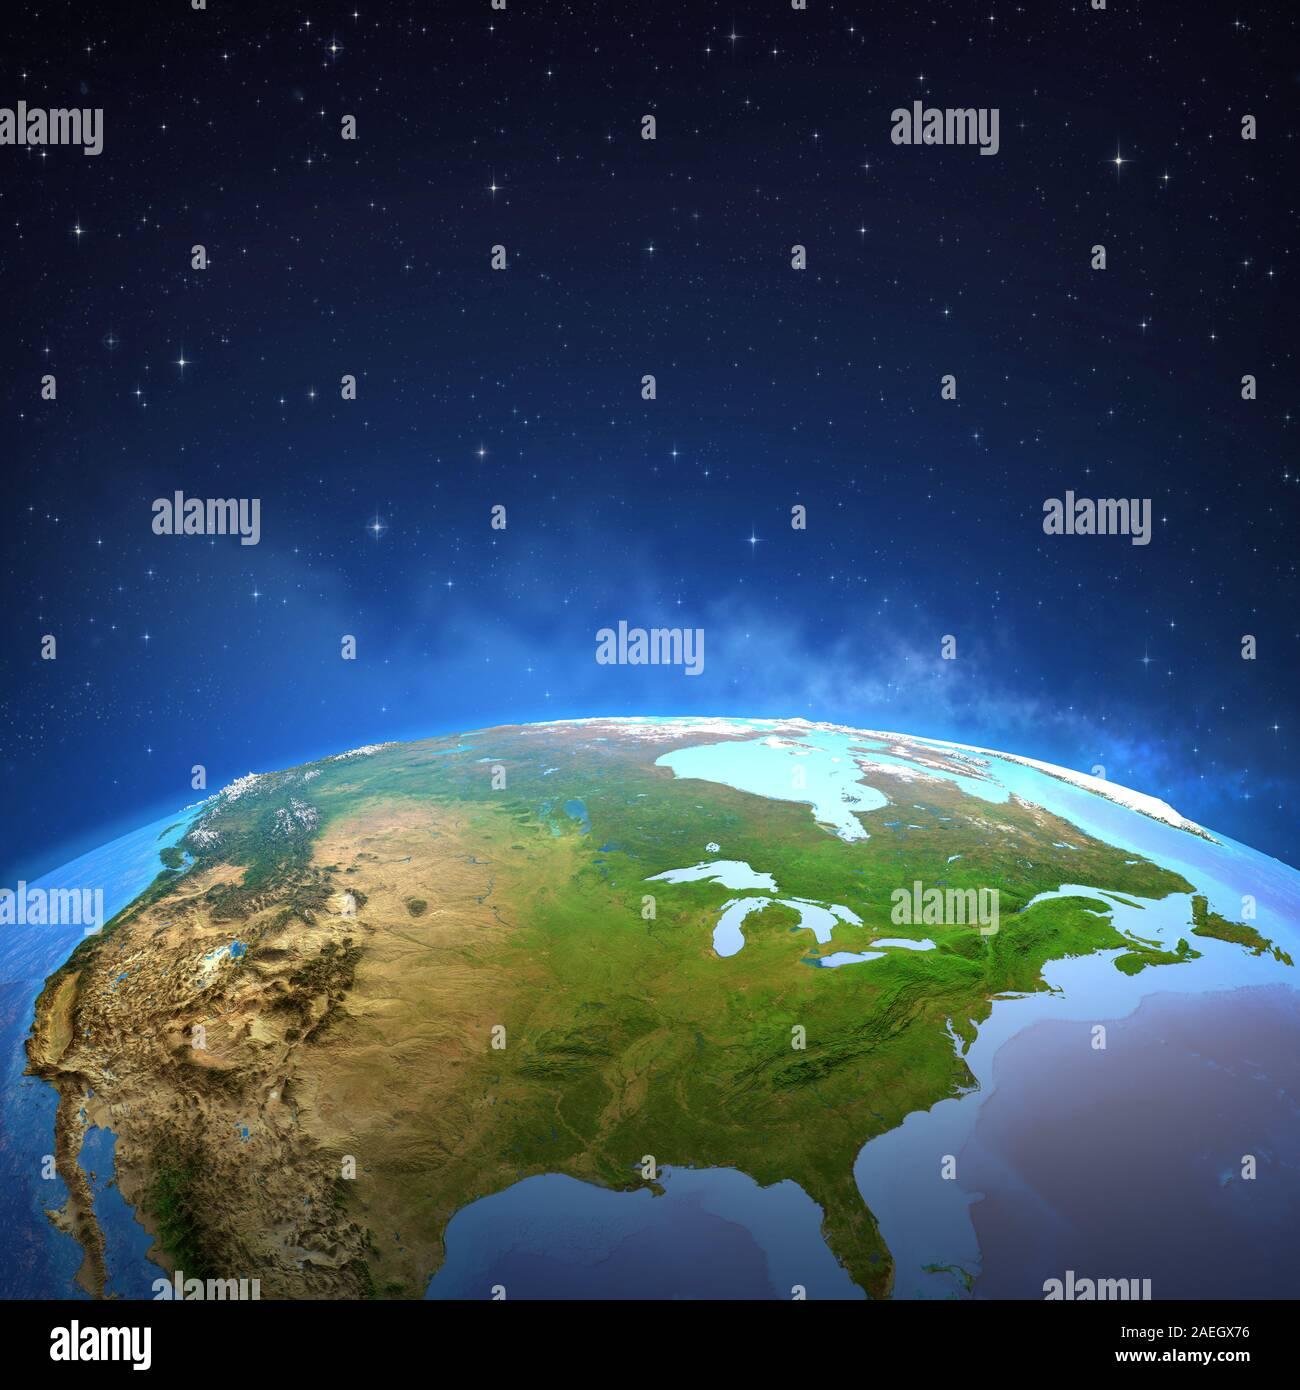 Surface de la planète Terre vue d'un satellite, l'accent sur l'Amérique du Nord. Illustration 3D - Éléments de cette image fournie par la NASA. Banque D'Images